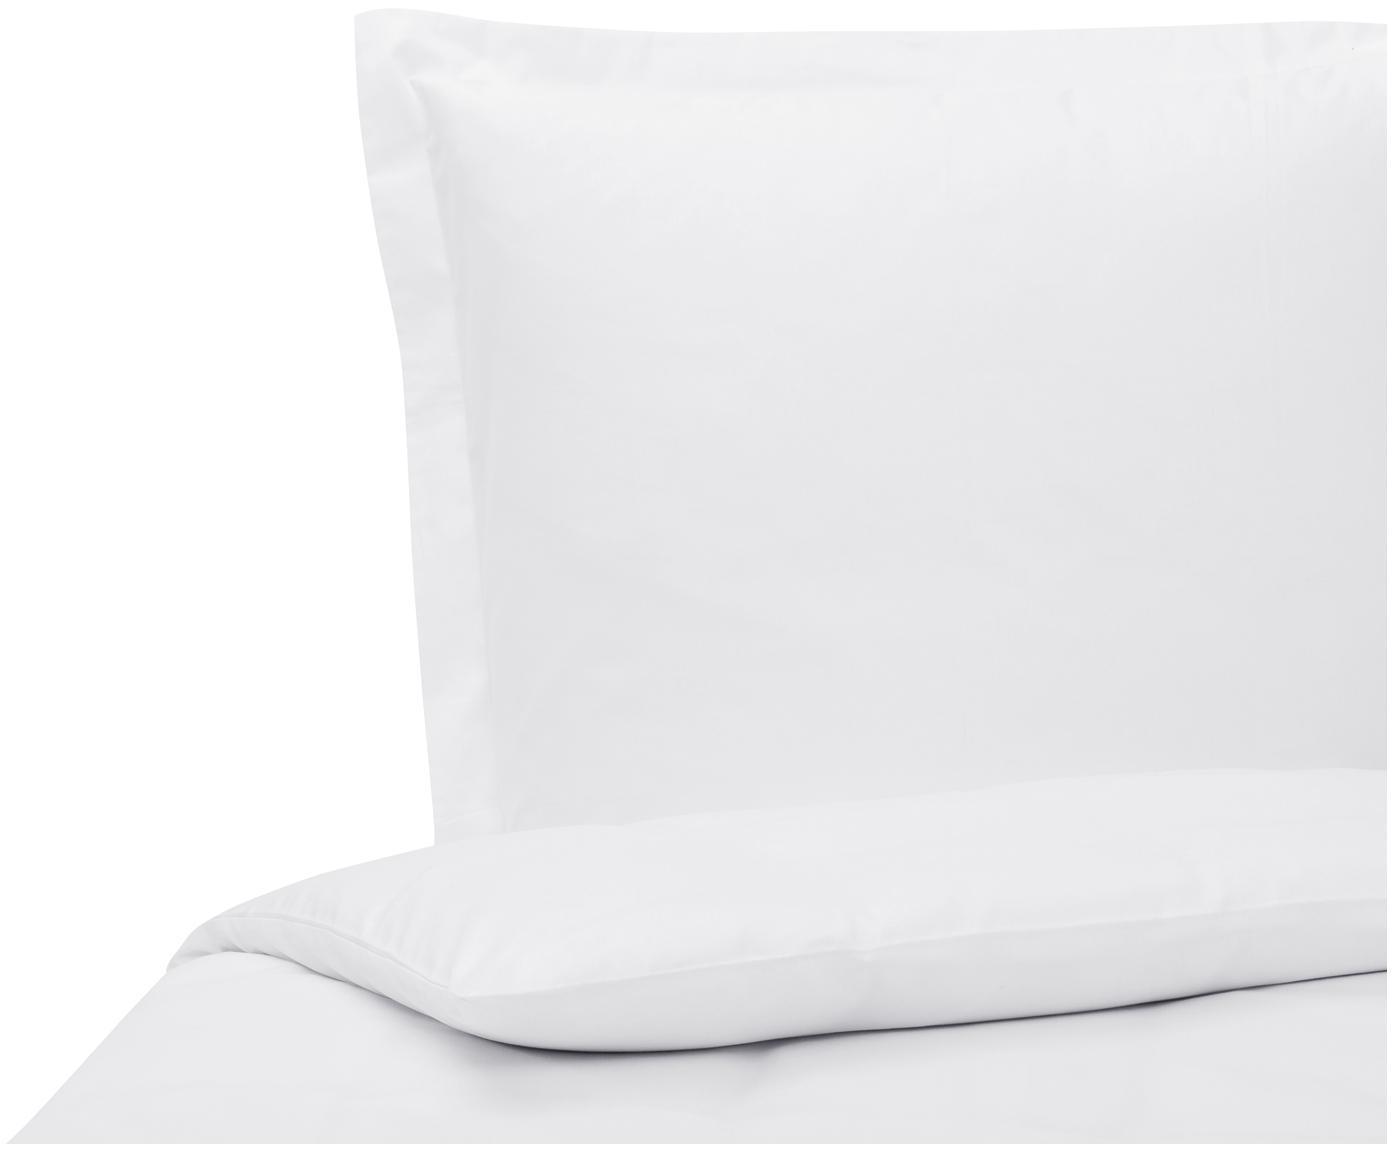 Katoensatijnen dekbedovertrek Premium, Weeftechniek: satijn, licht glanzend, Wit, 140 x 200 cm